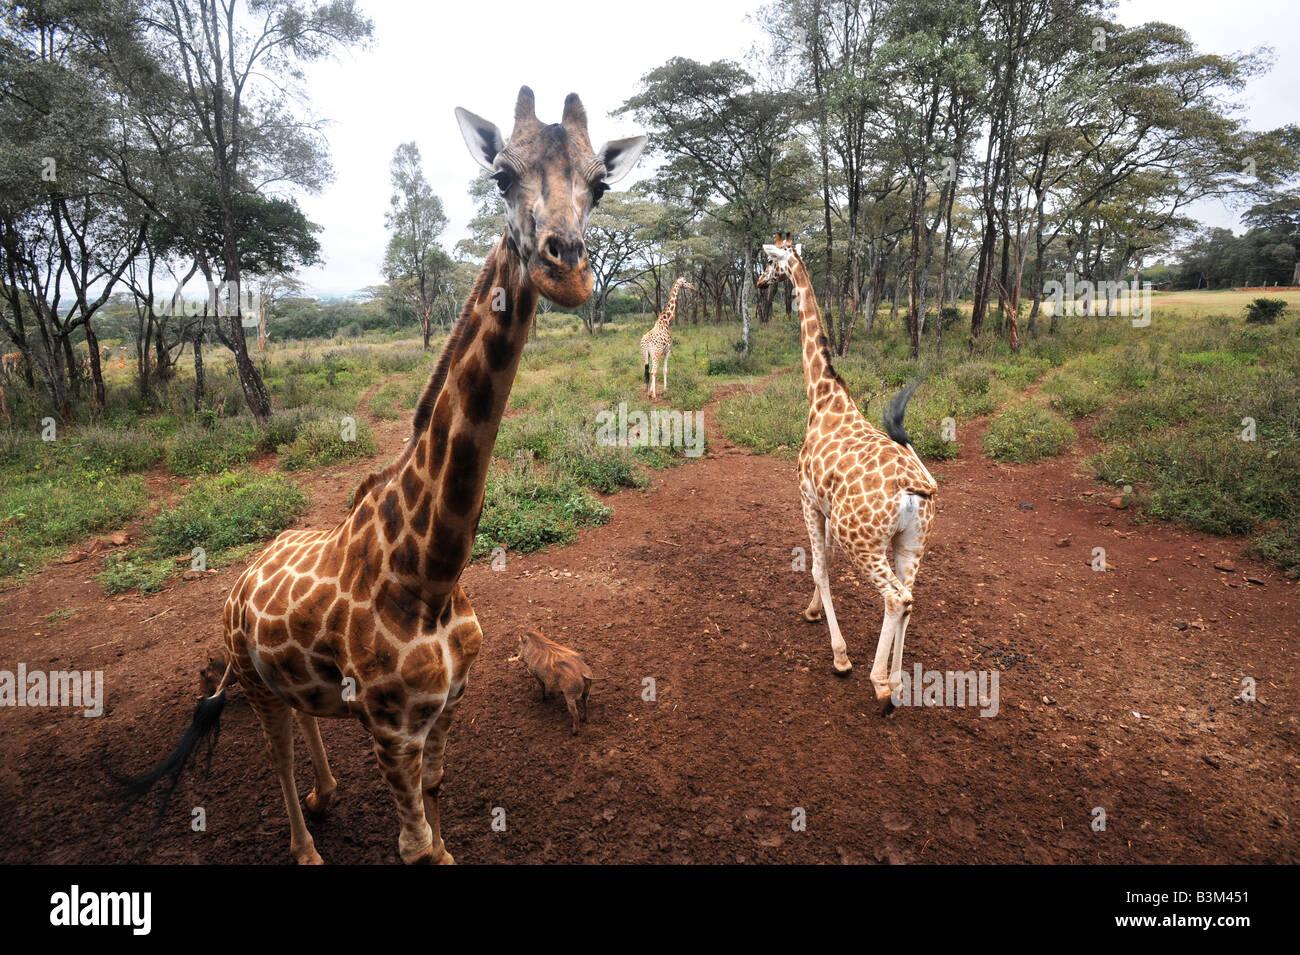 Rothschild giraffe at the Giraffe Centre in Langata Nairobi Kenya 30 6 2008 - Stock Image